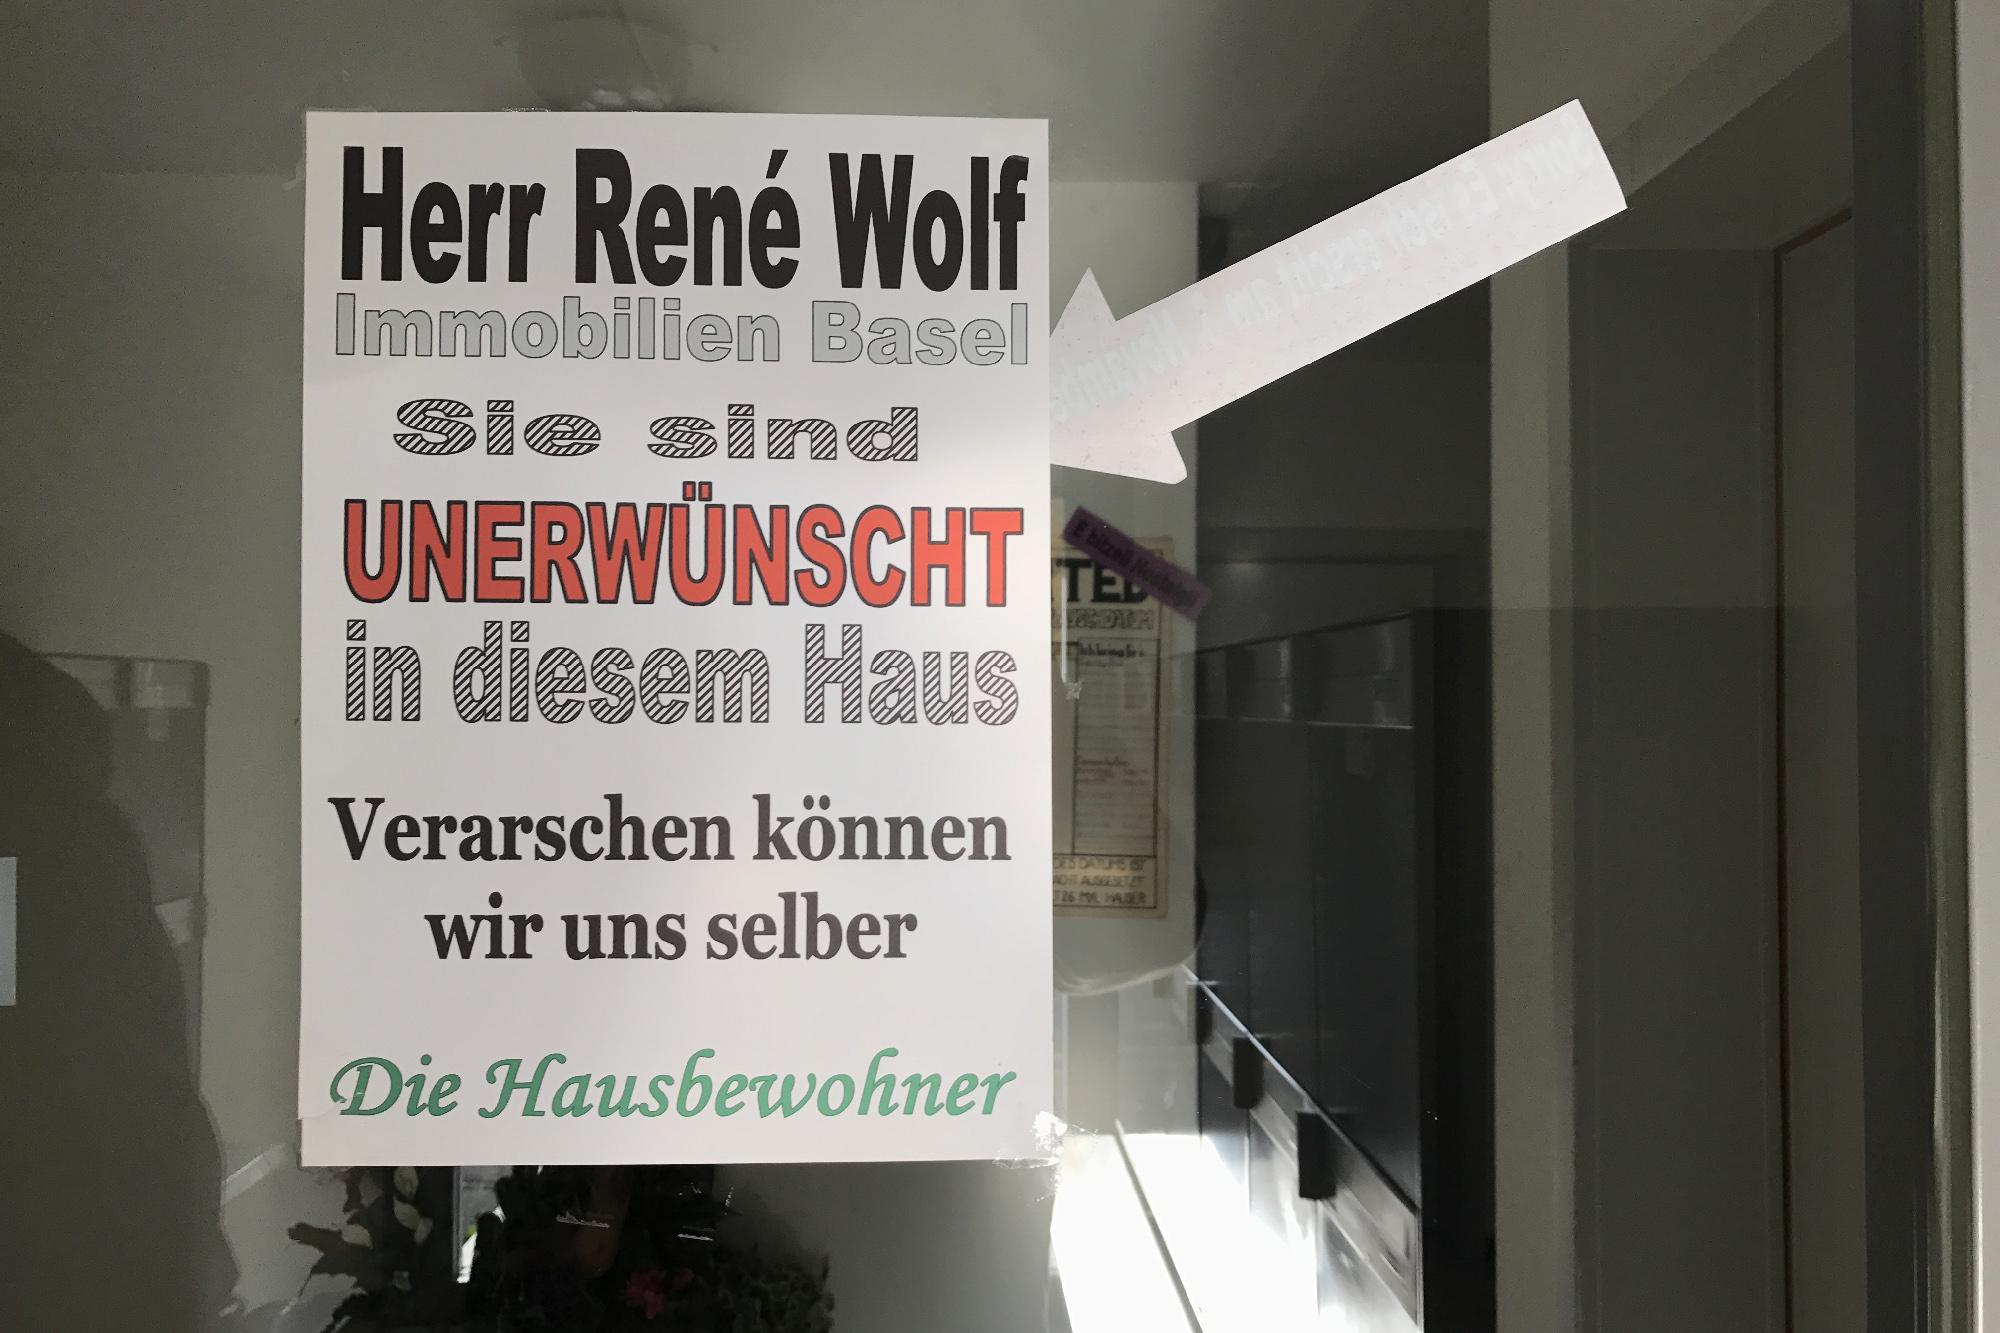 Verschärfter Ton: Kampfansage an Immobilien Basel-Stadt an der Eingangstür.